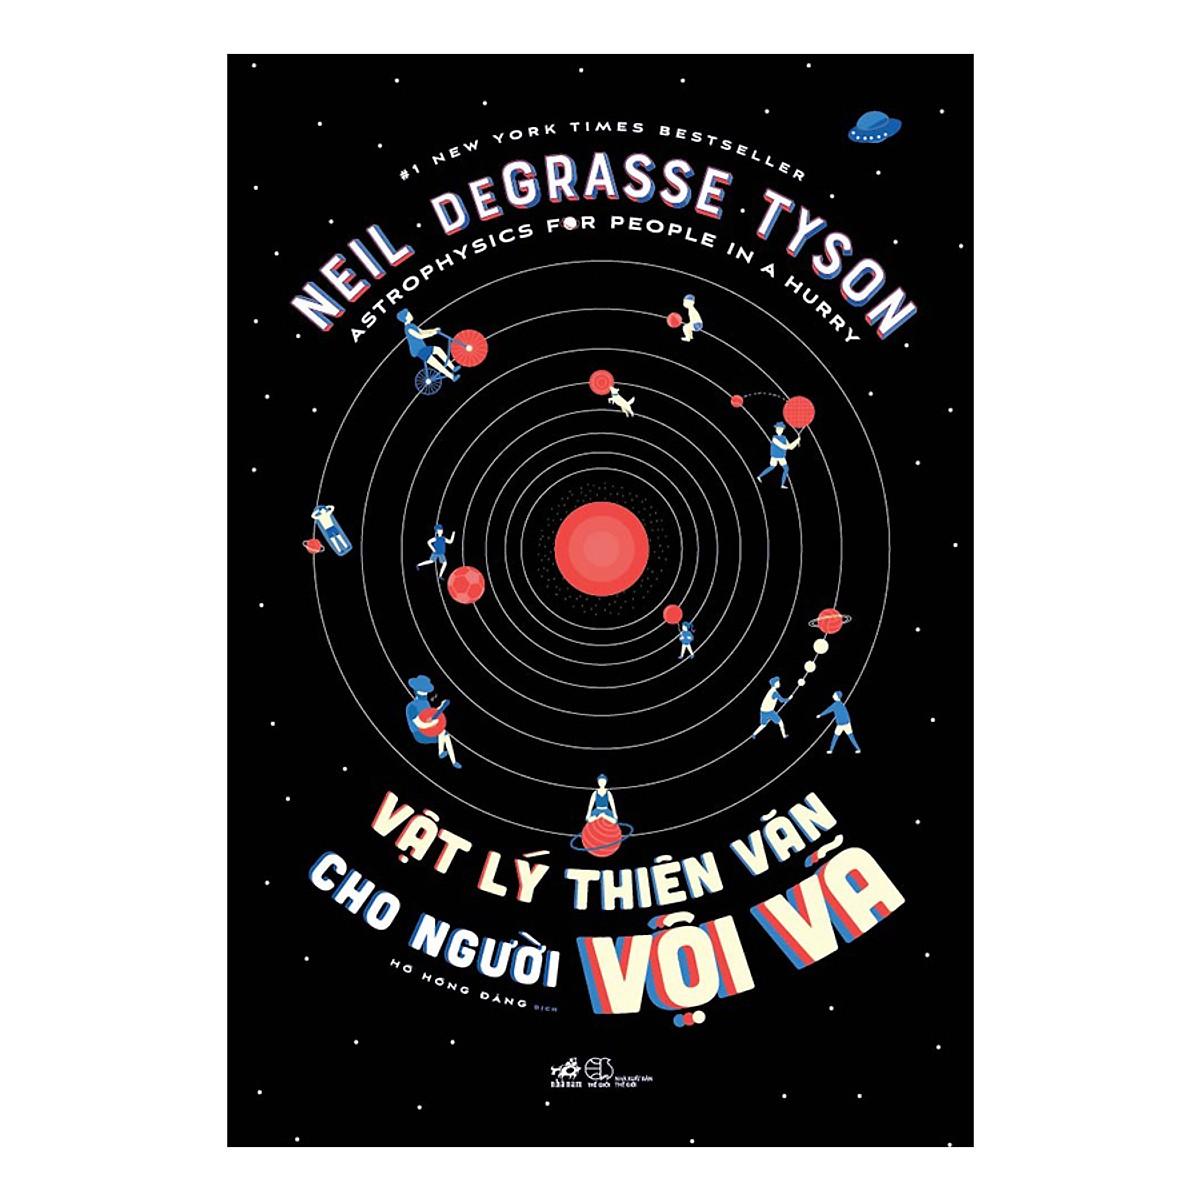 Sách hay vật lý thiên văn cho người vội vã